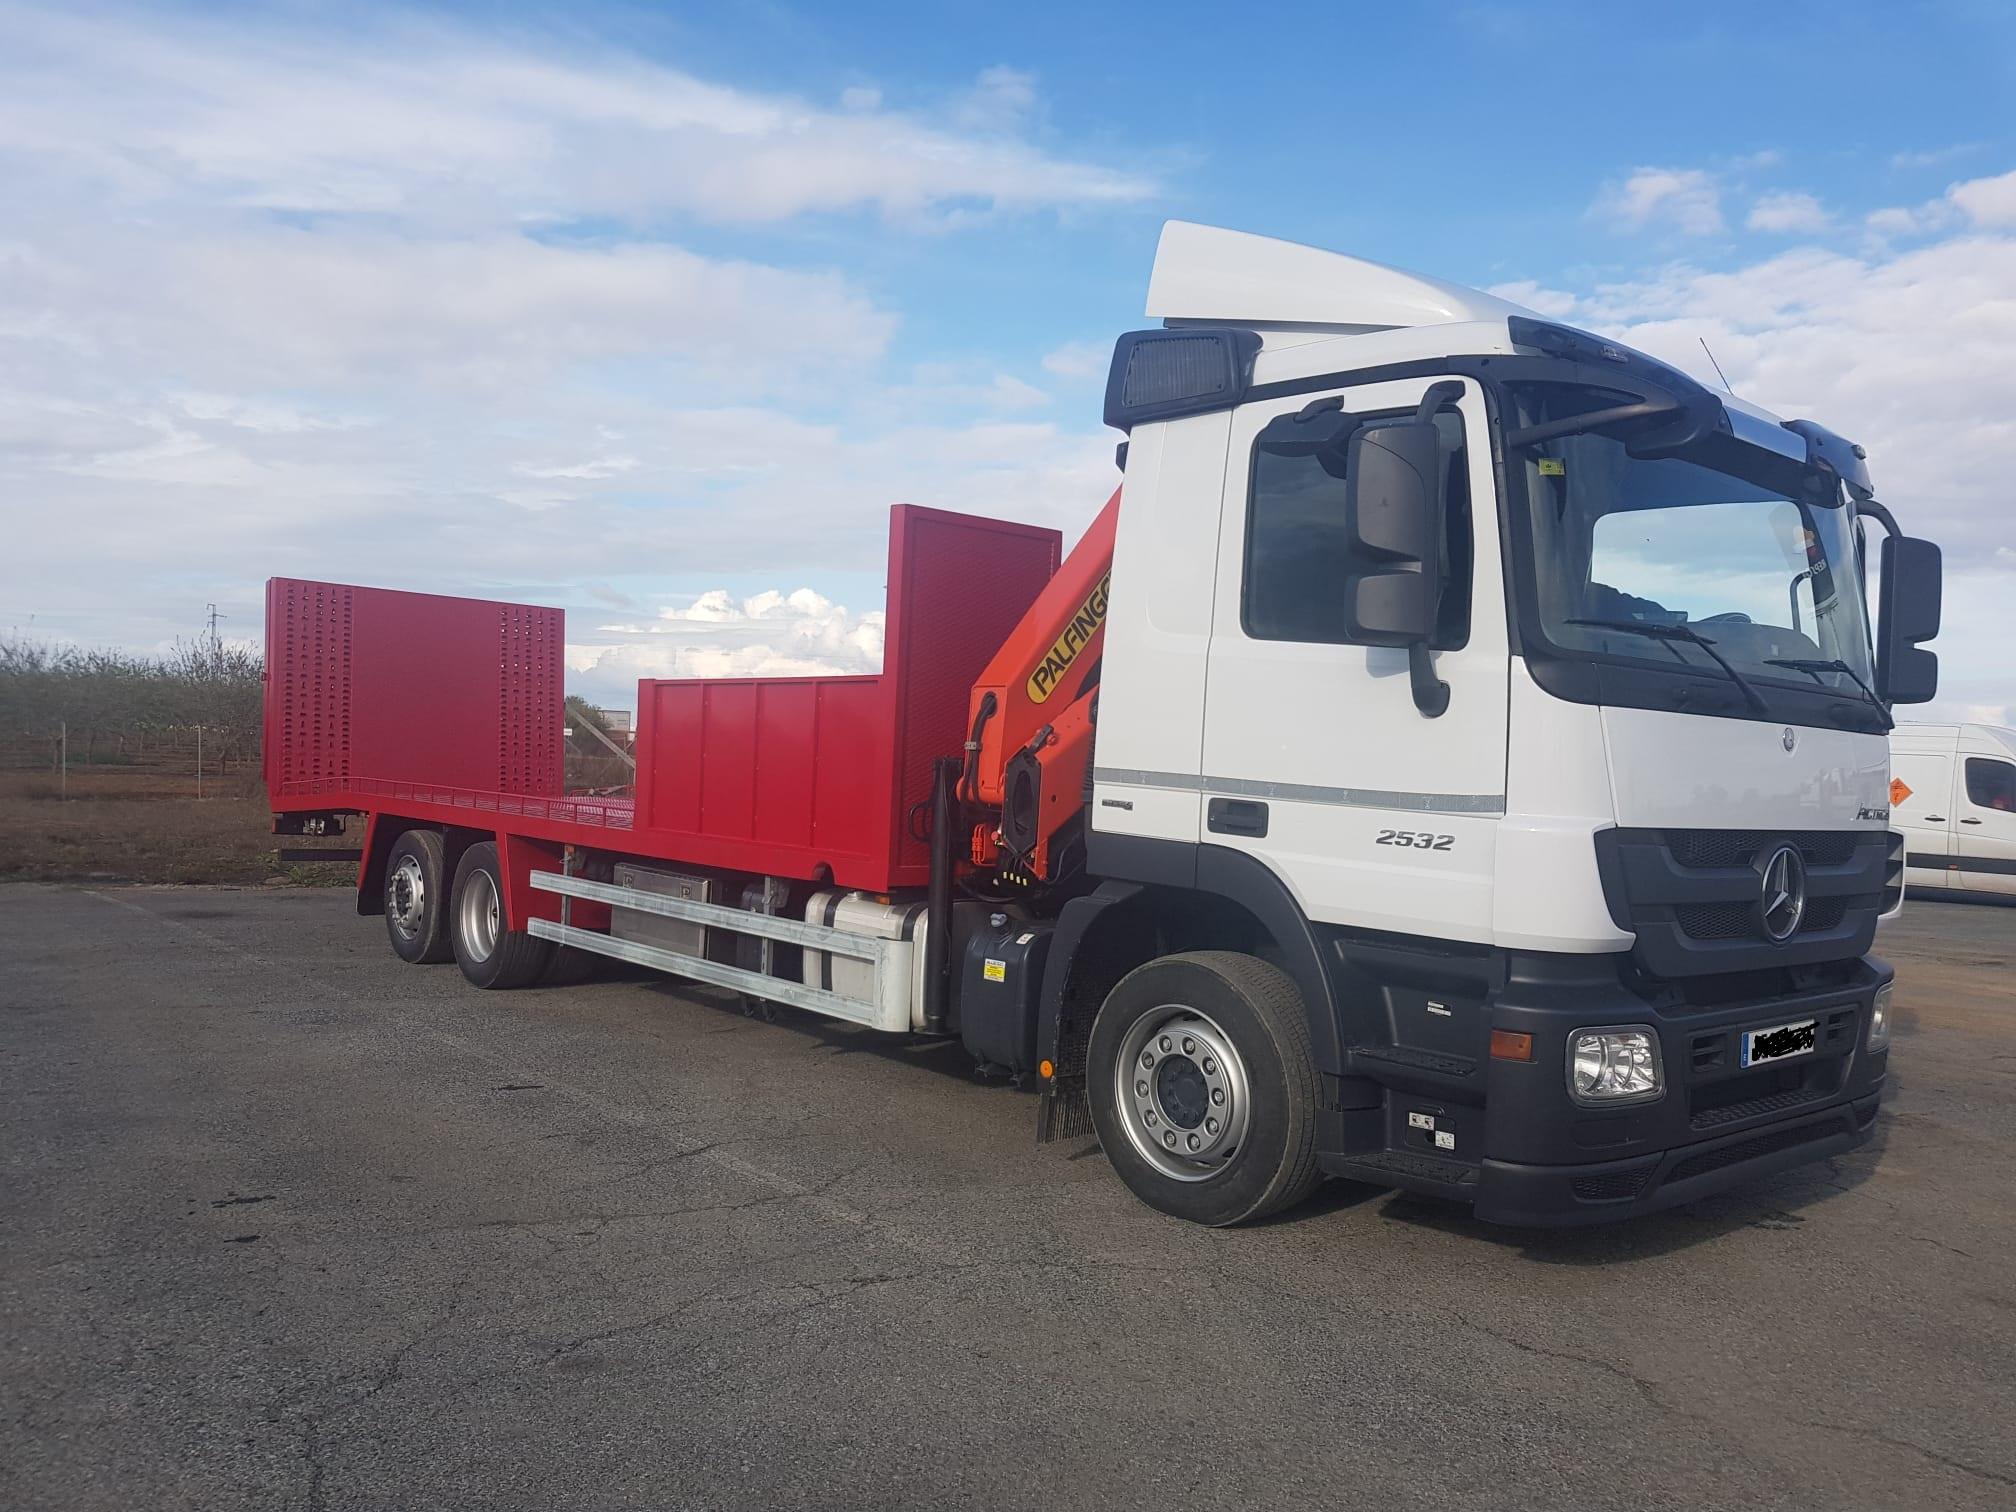 Nueva Adquisición: Camión de 26 Toneladas